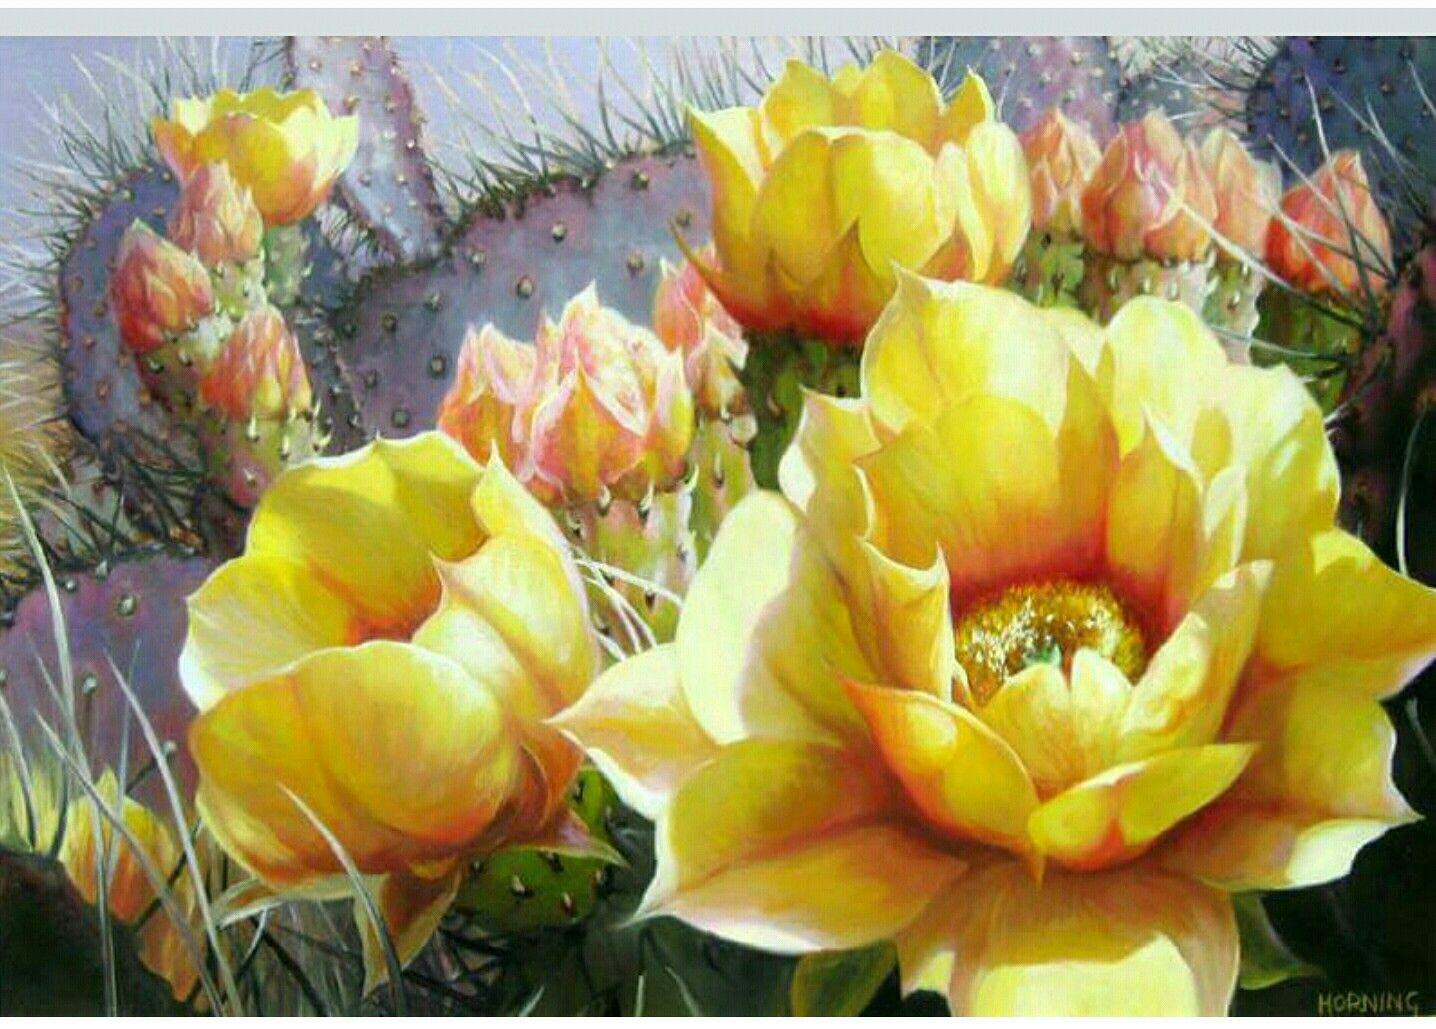 Epingle Par Mireille Drissi Beffara Sur Fleurs Avec Images